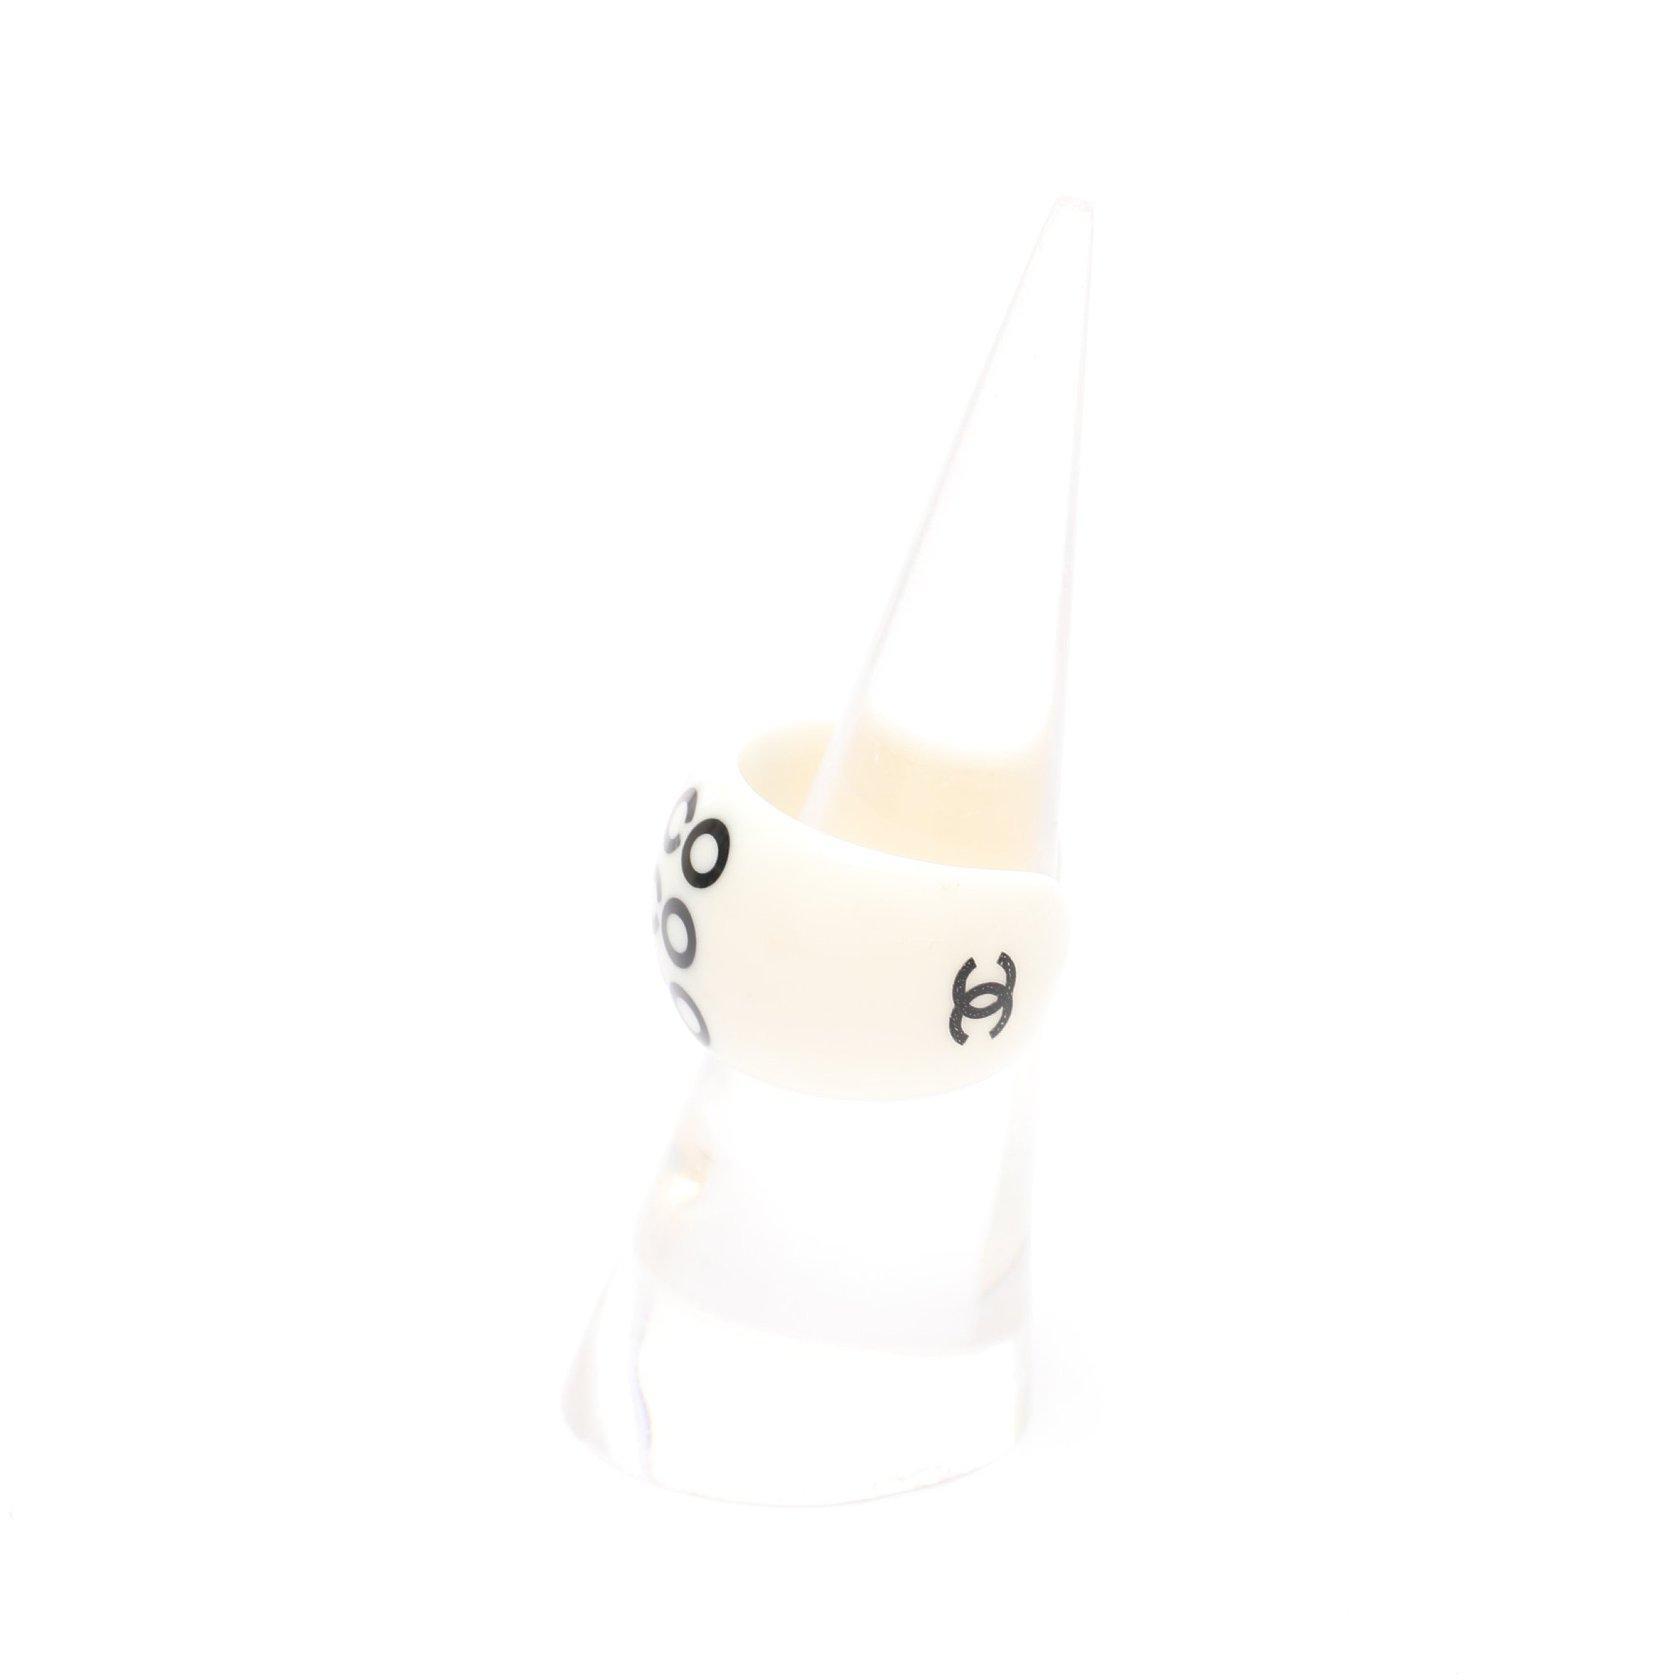 CHANEL・アクセサリー・COCO リング 指輪 ホワイト ブラック 01P